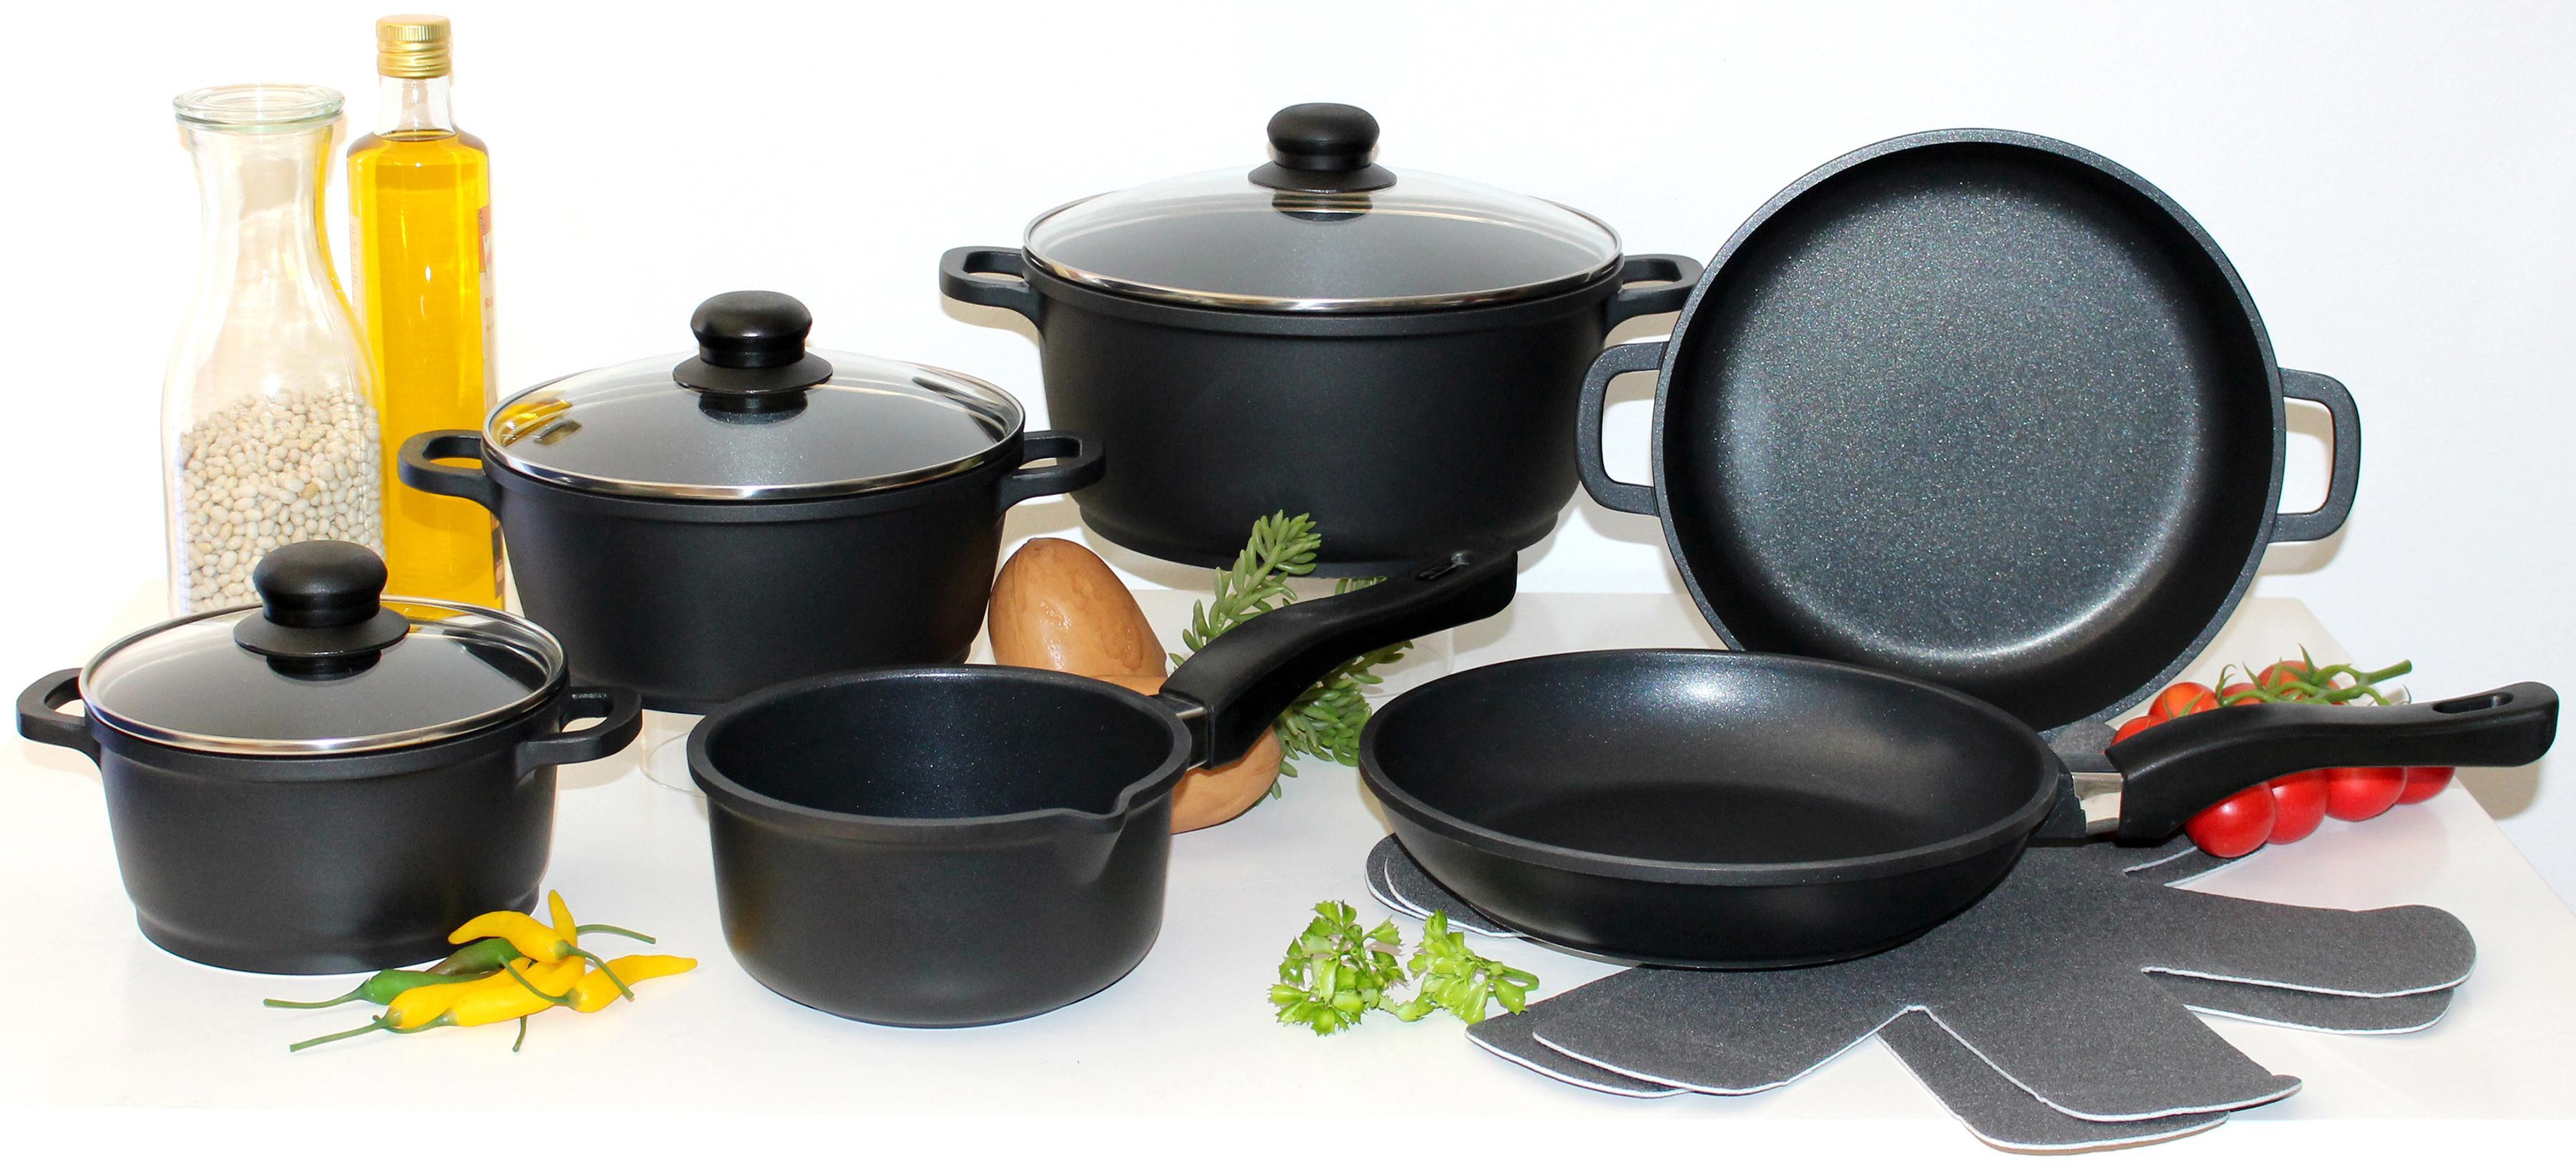 Elo - Meine Küche Topf-Set, Aluminiumguss, (Set, 10 tlg., 4 Töpfe, 3, Deckel, 2 Pfannen, 1 Paar Pfannenschoner) schwarz Topfsets Töpfe Haushaltswaren Topf